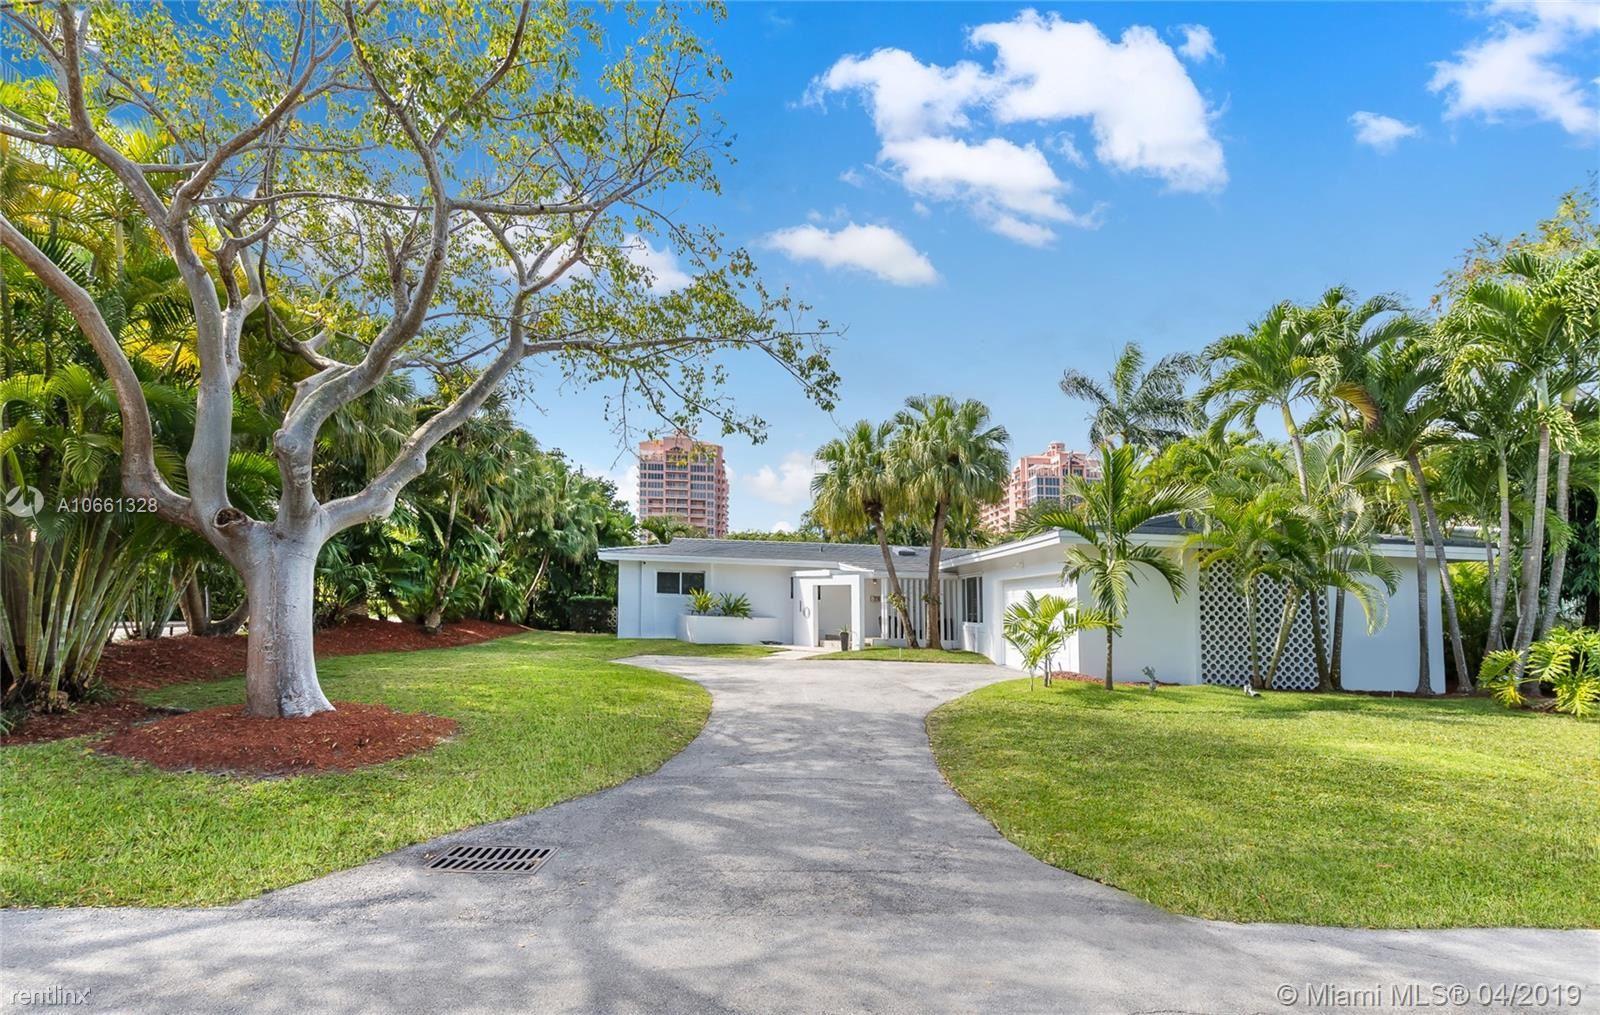 10 Prospect Dr, Coral Gables, FL - $6,950